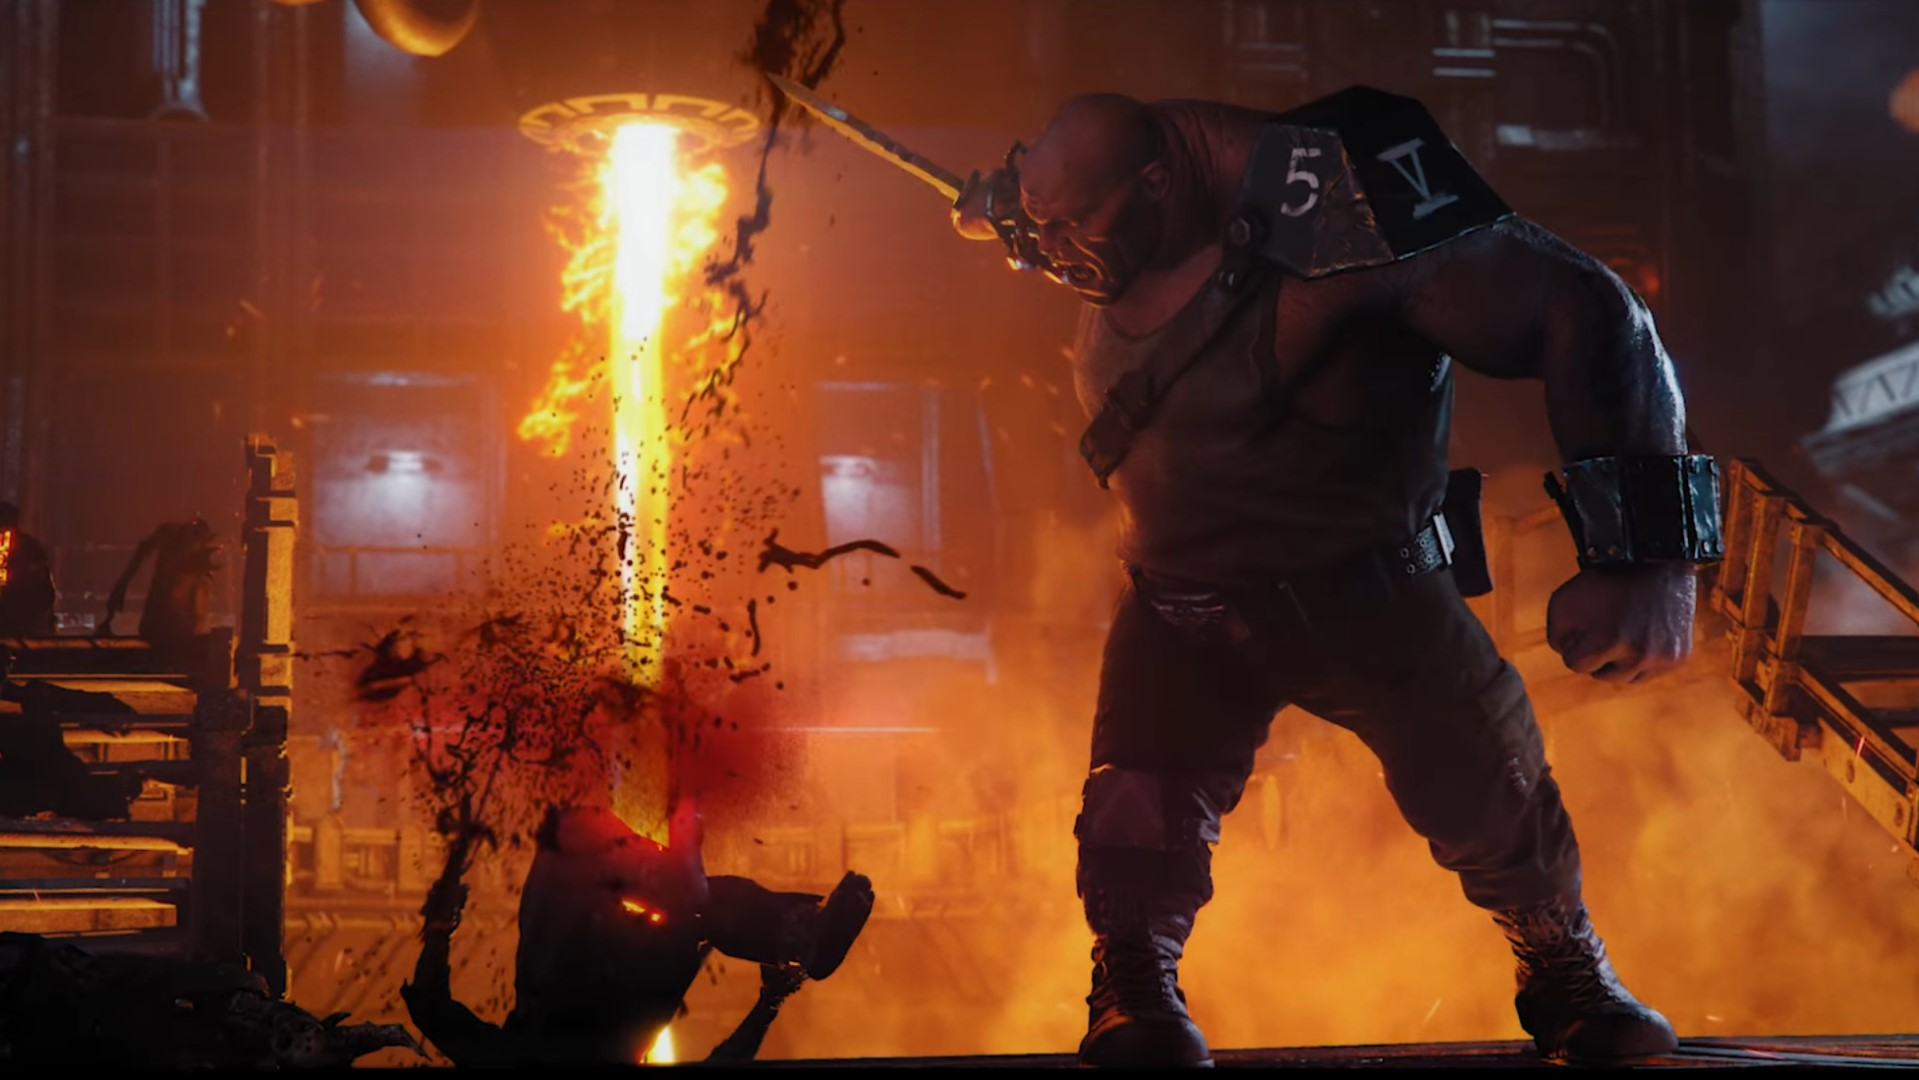 Warhammer 40K: Darktide has been delayed to 2022